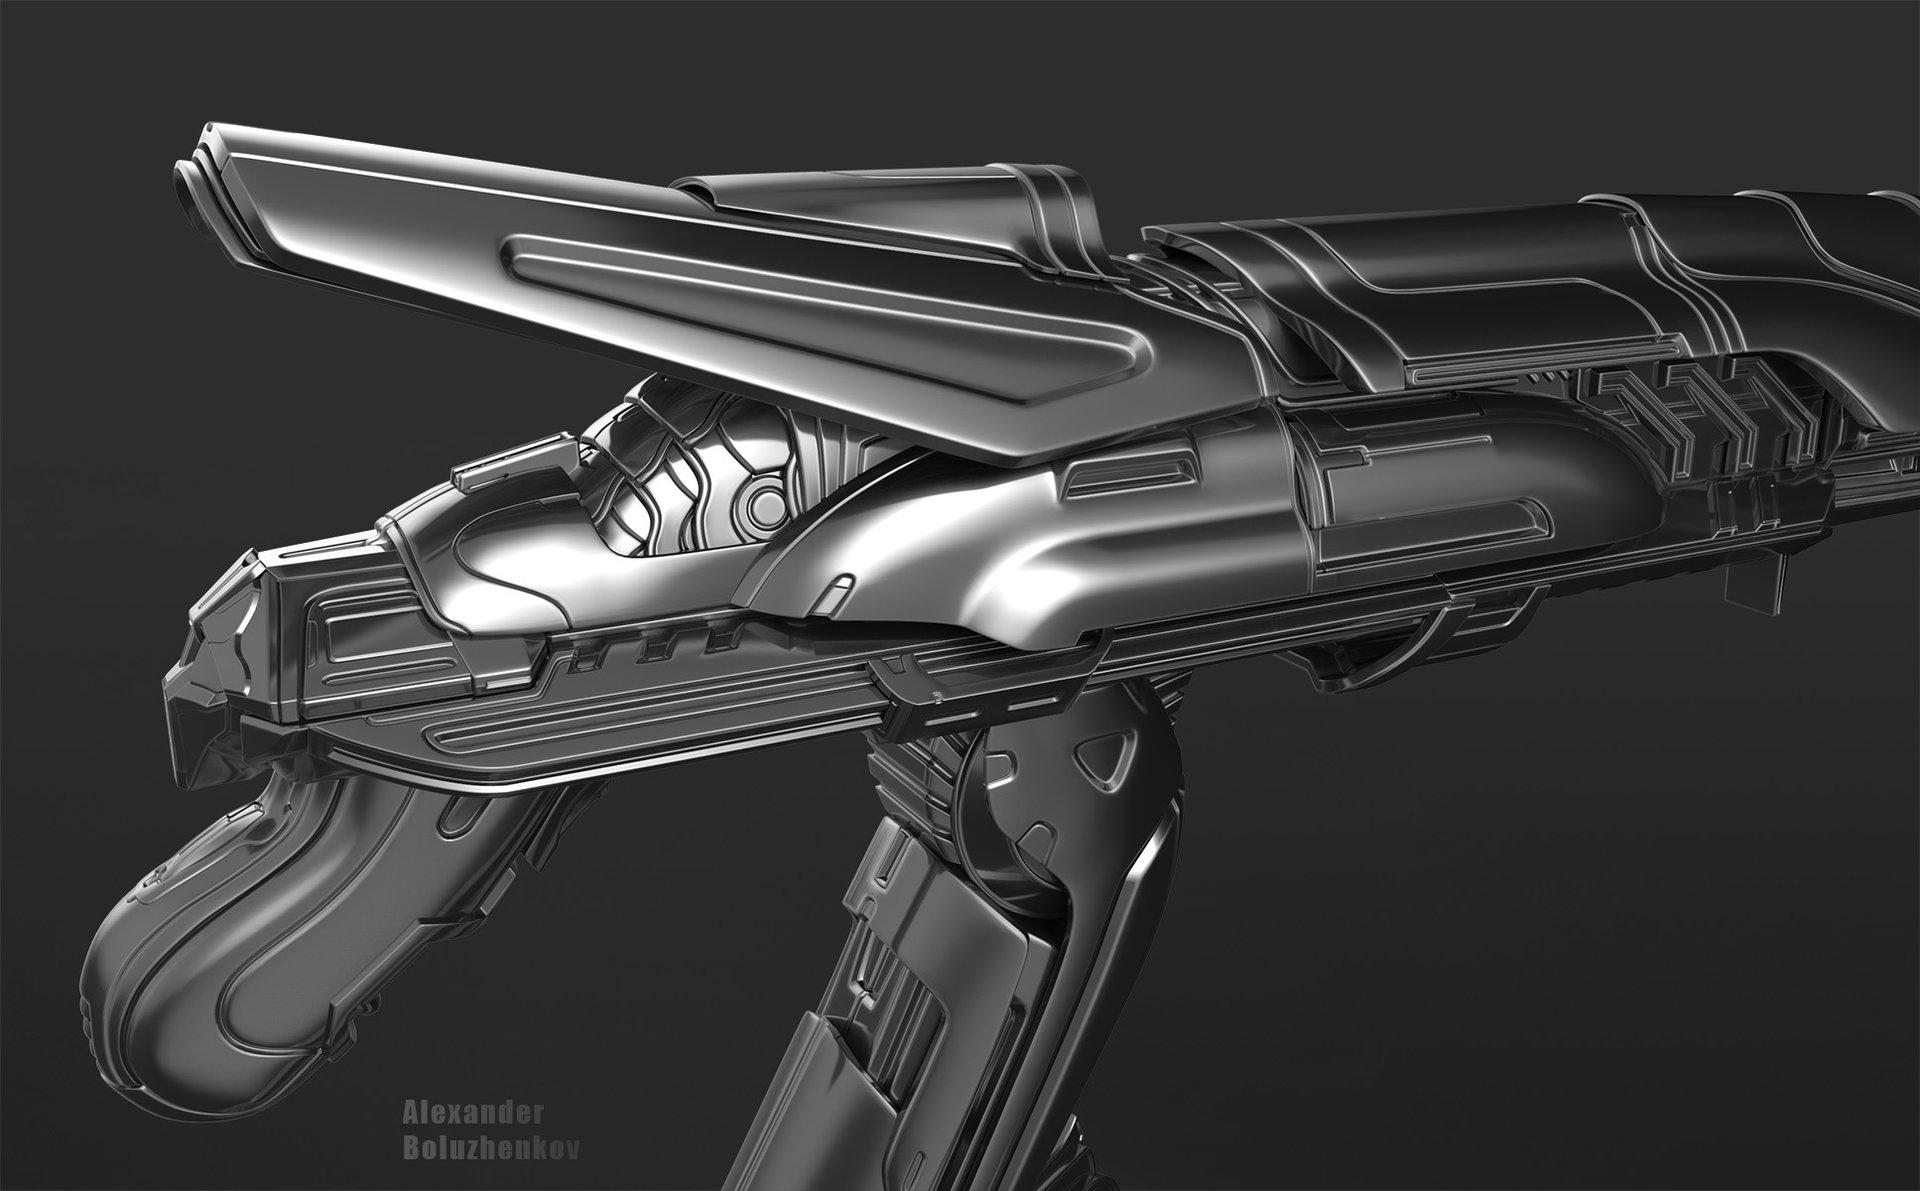 Alexander boluzhenkov plasma cannon 37